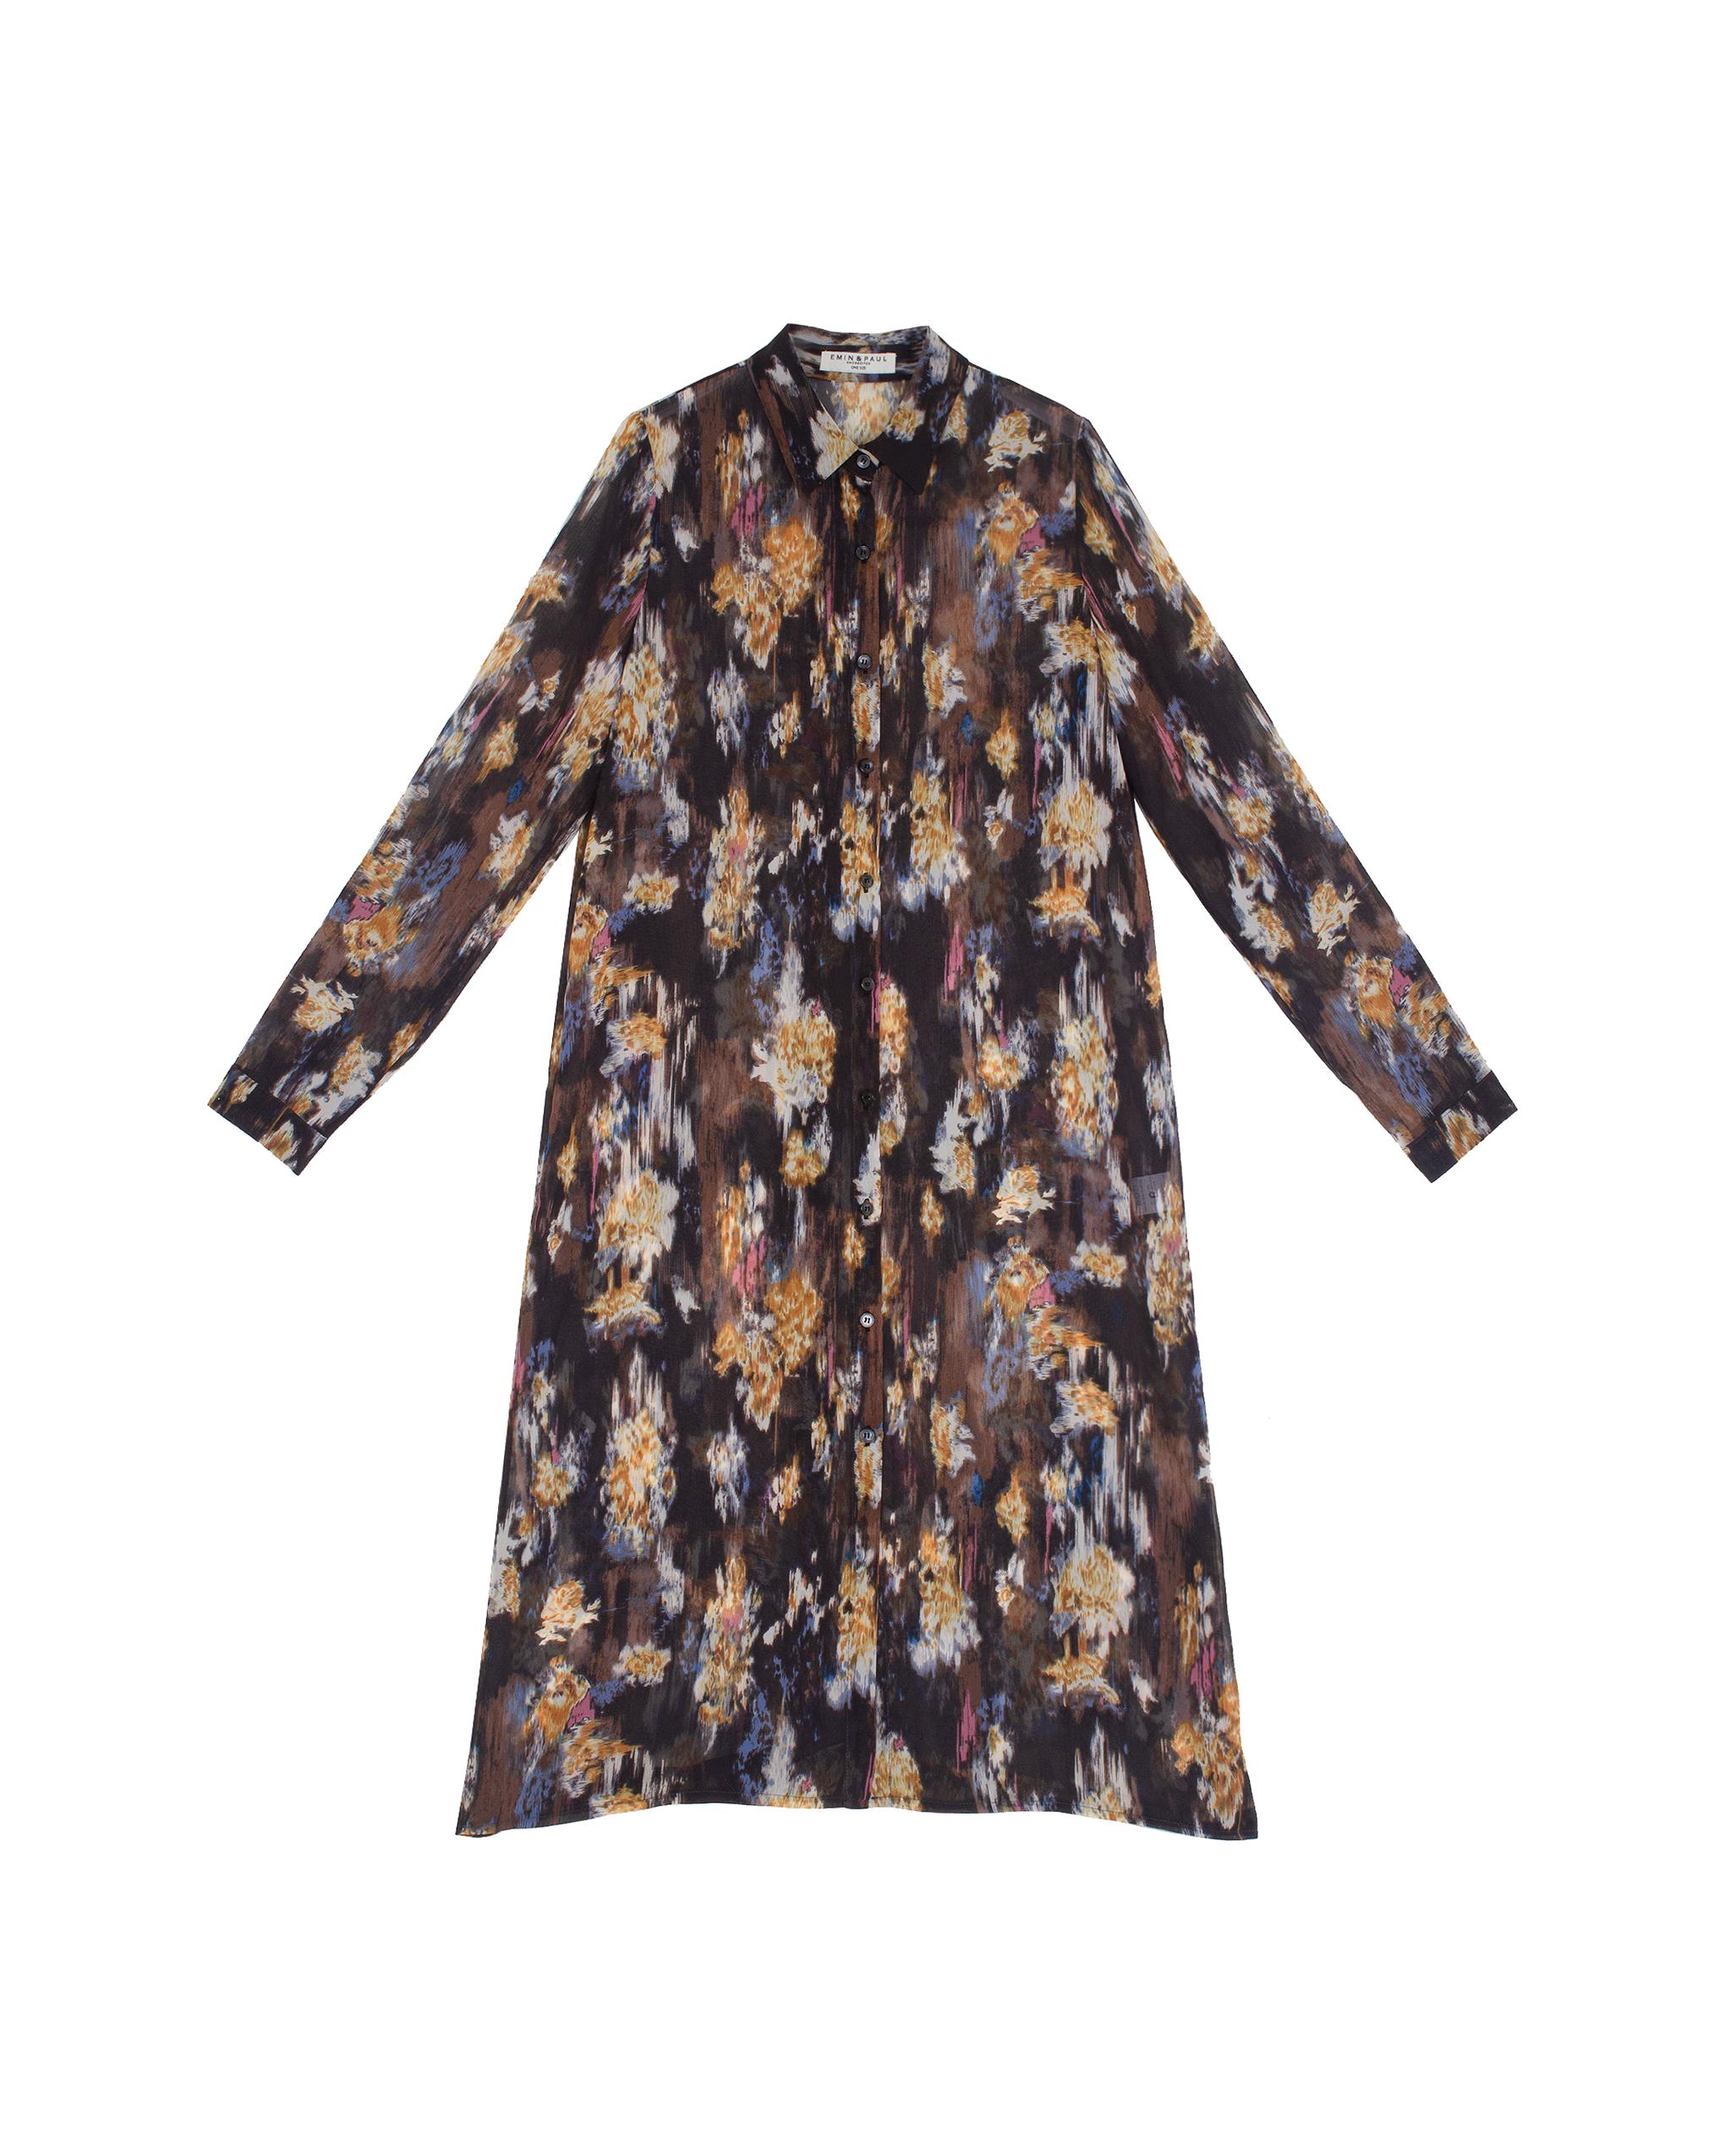 EMIN + PAUL multi printed shirt dress.